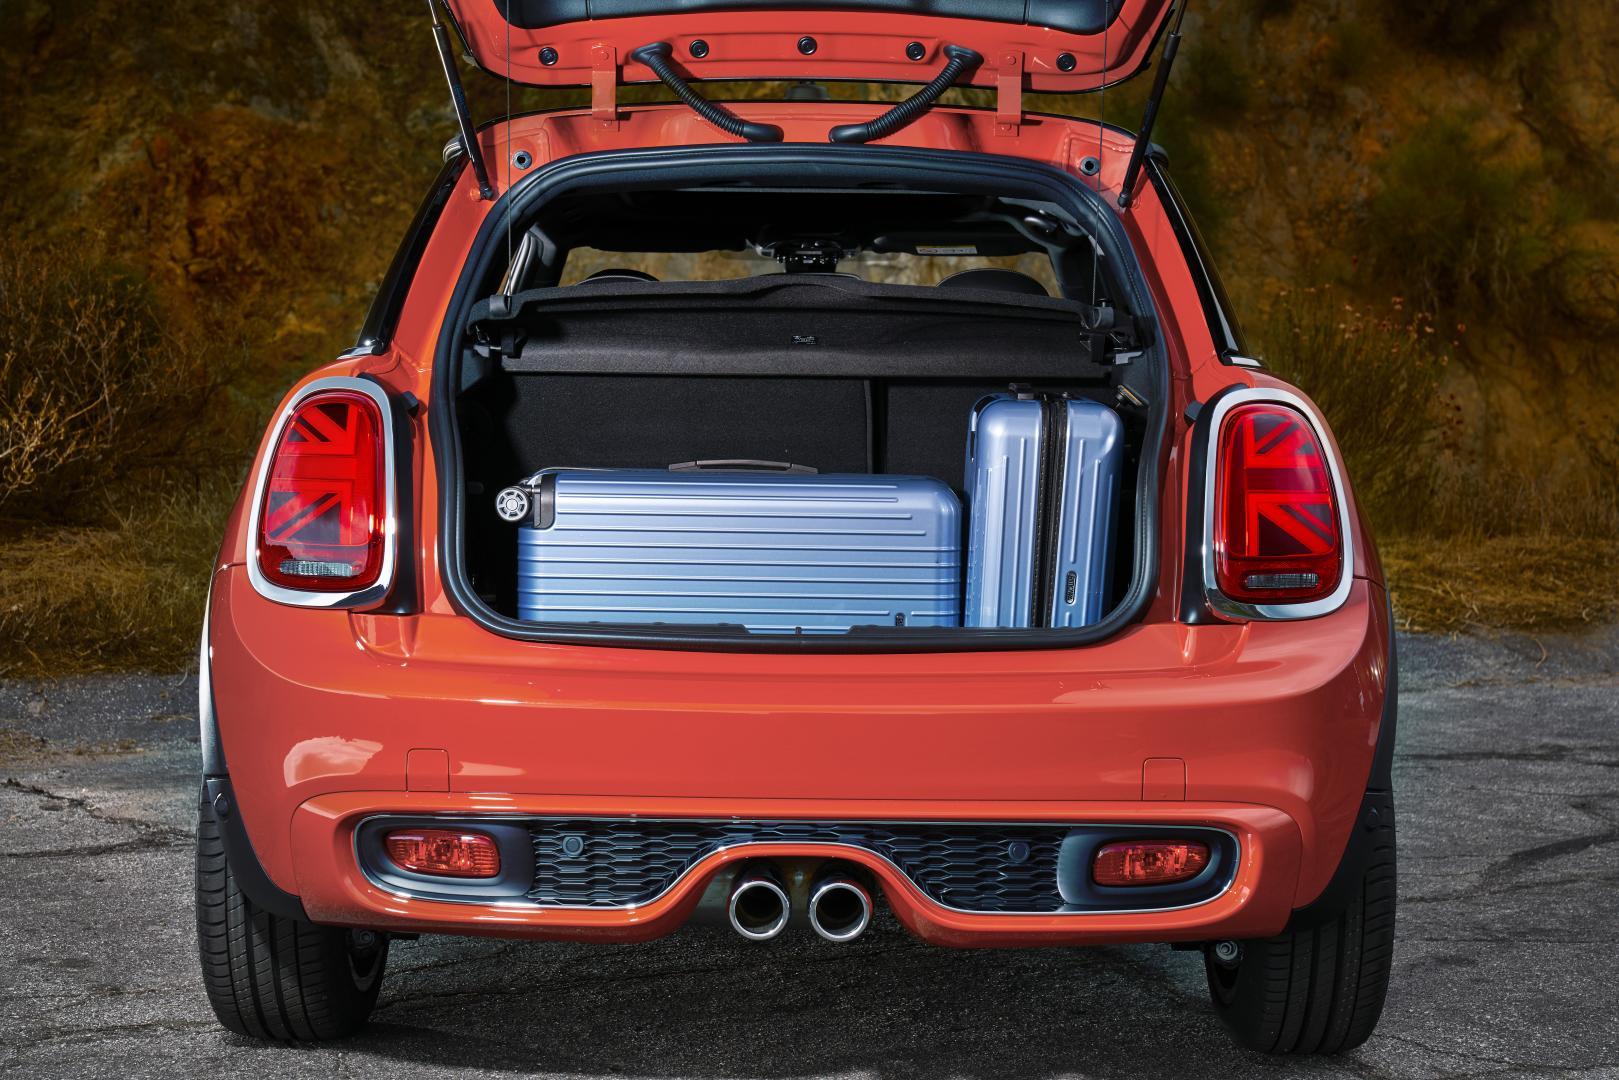 mini facelift nieuwe achterlichten voor cabrio 3 en 5 deurs topgear. Black Bedroom Furniture Sets. Home Design Ideas